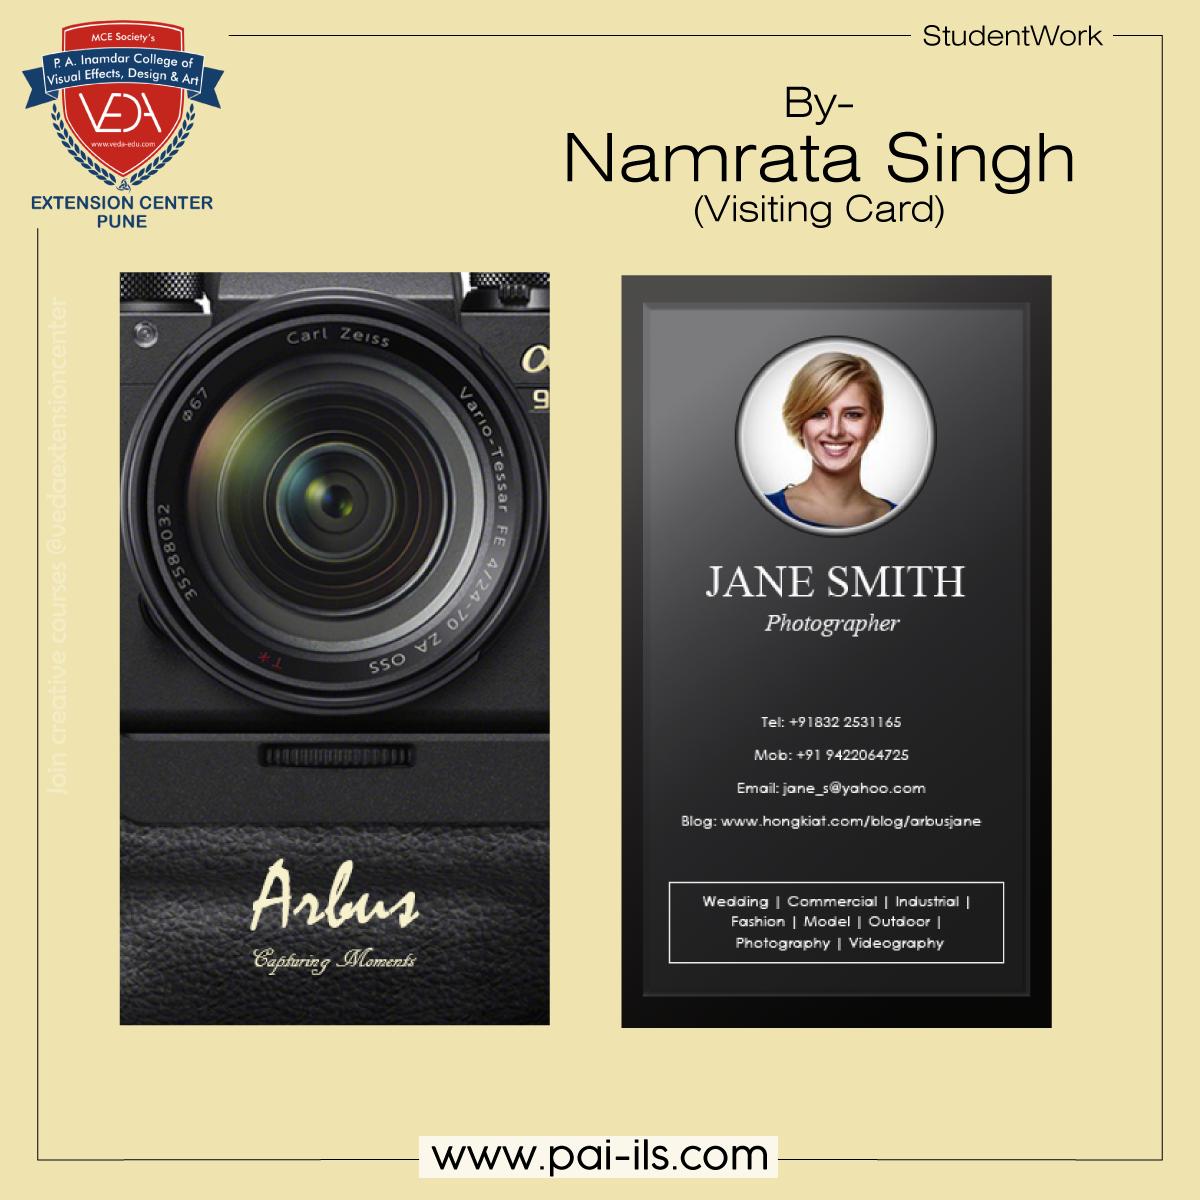 Namrata-Singh-(-Visiting-Card-2-)